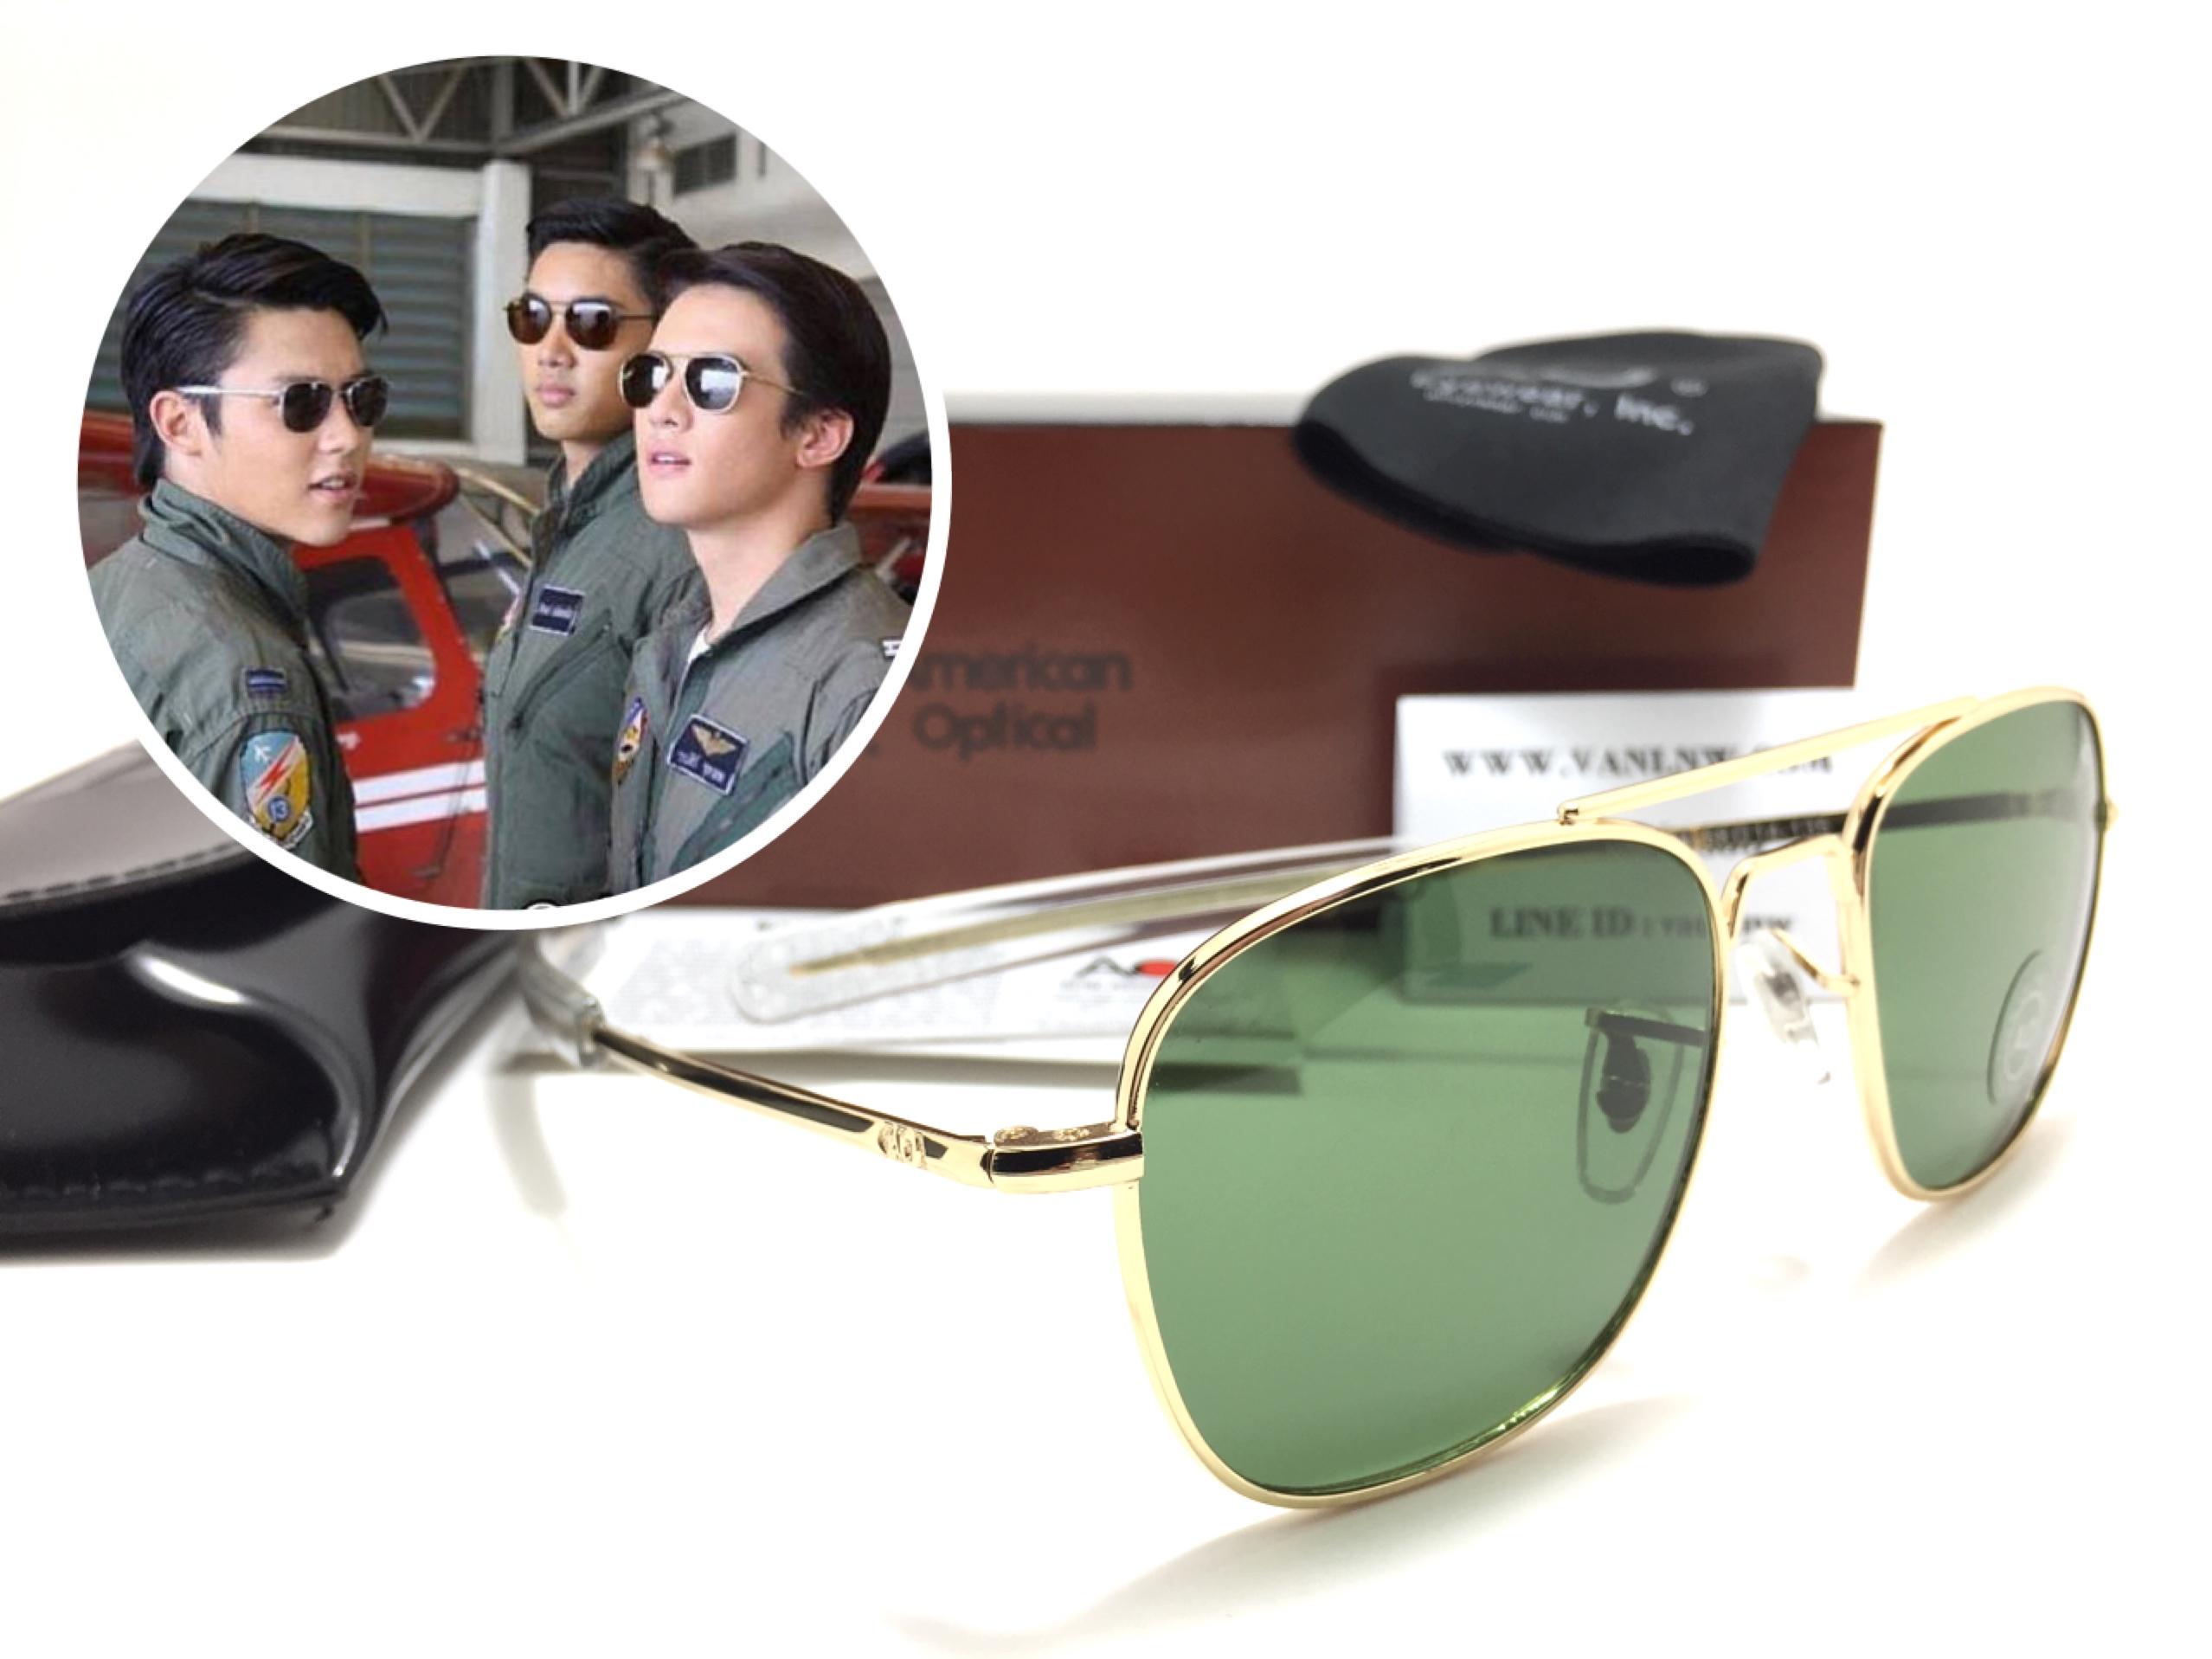 แว่นกันแดด ao skymaster 58-14-135 24KGP (china) ทอง